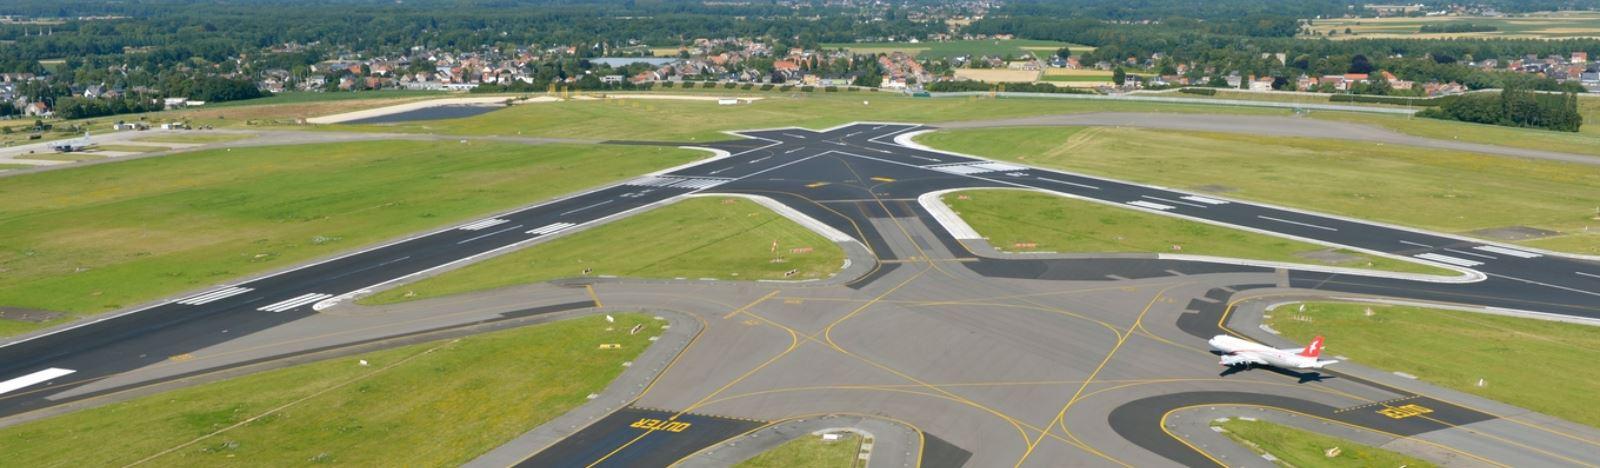 ba2040-runway